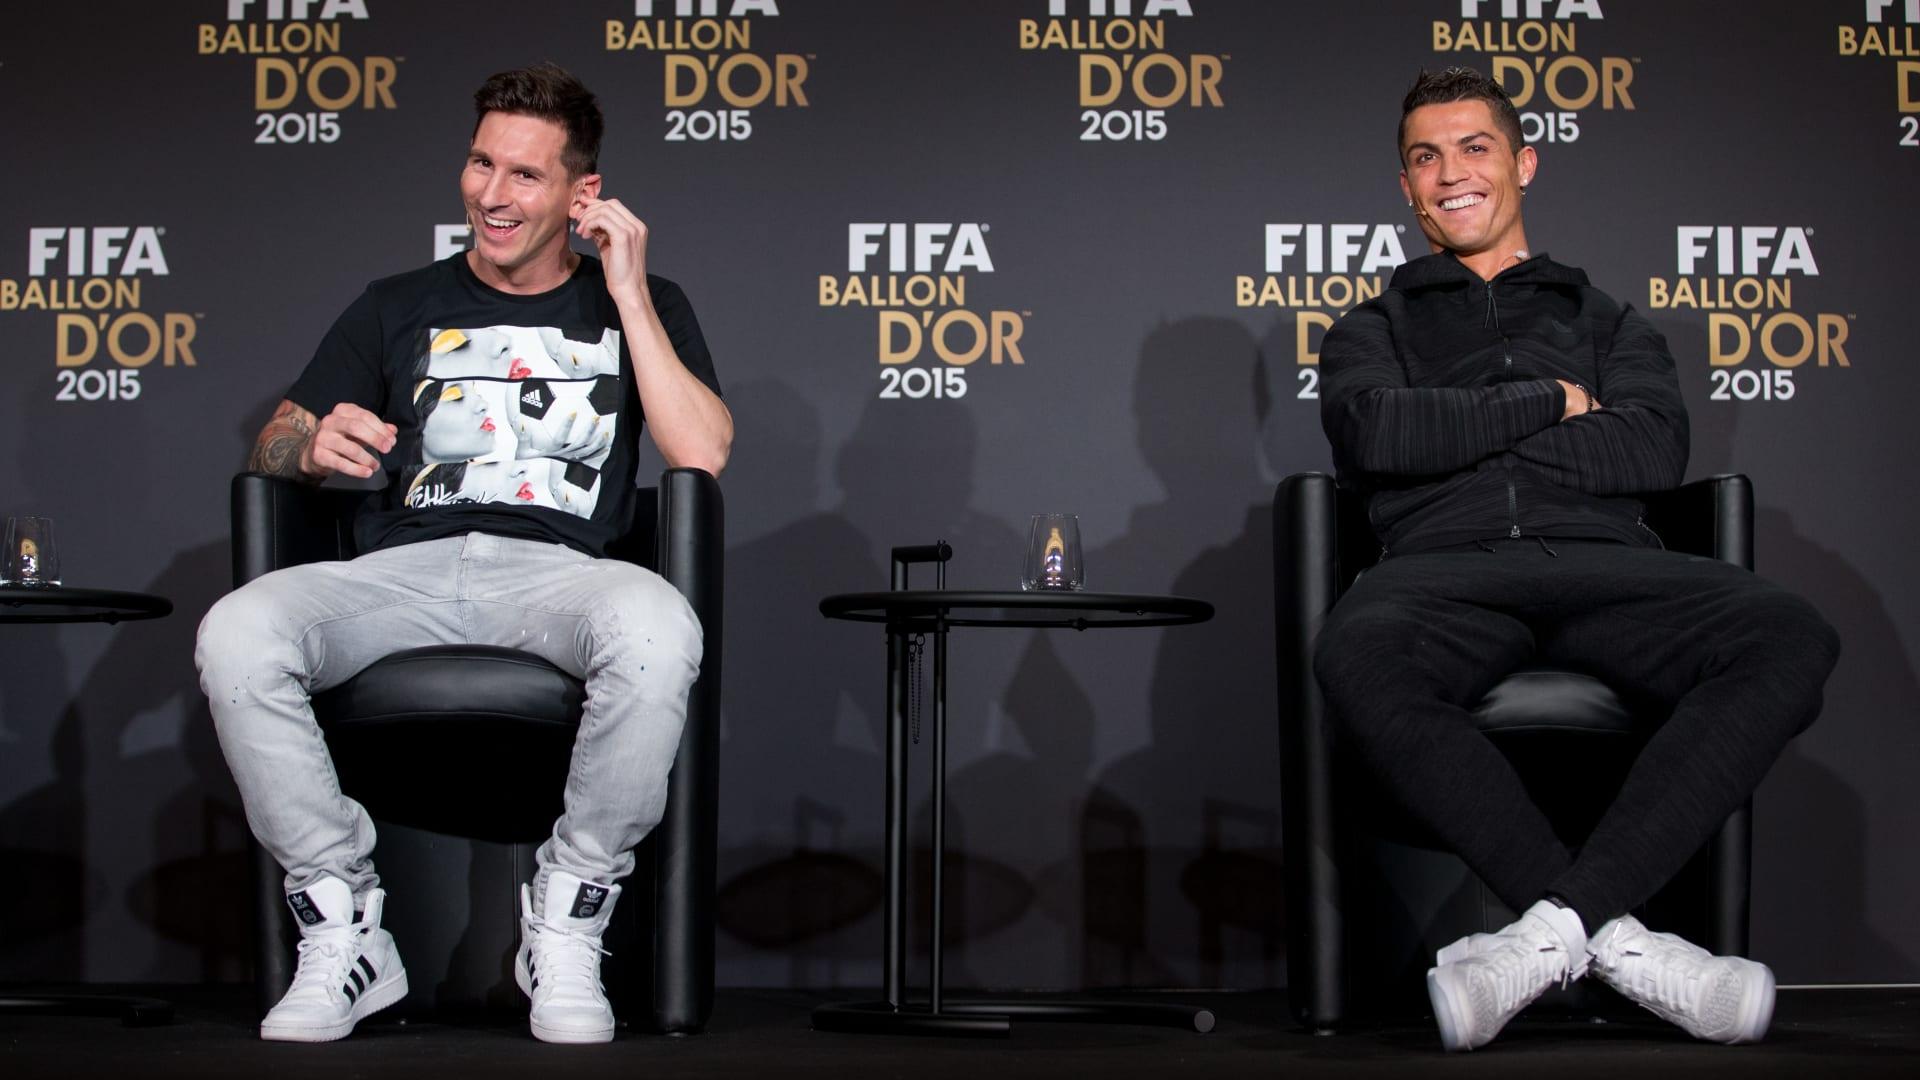 رونالدو (يمين الصورة) وميسي في حفل جائزة الكرة الذهبية العام 2015